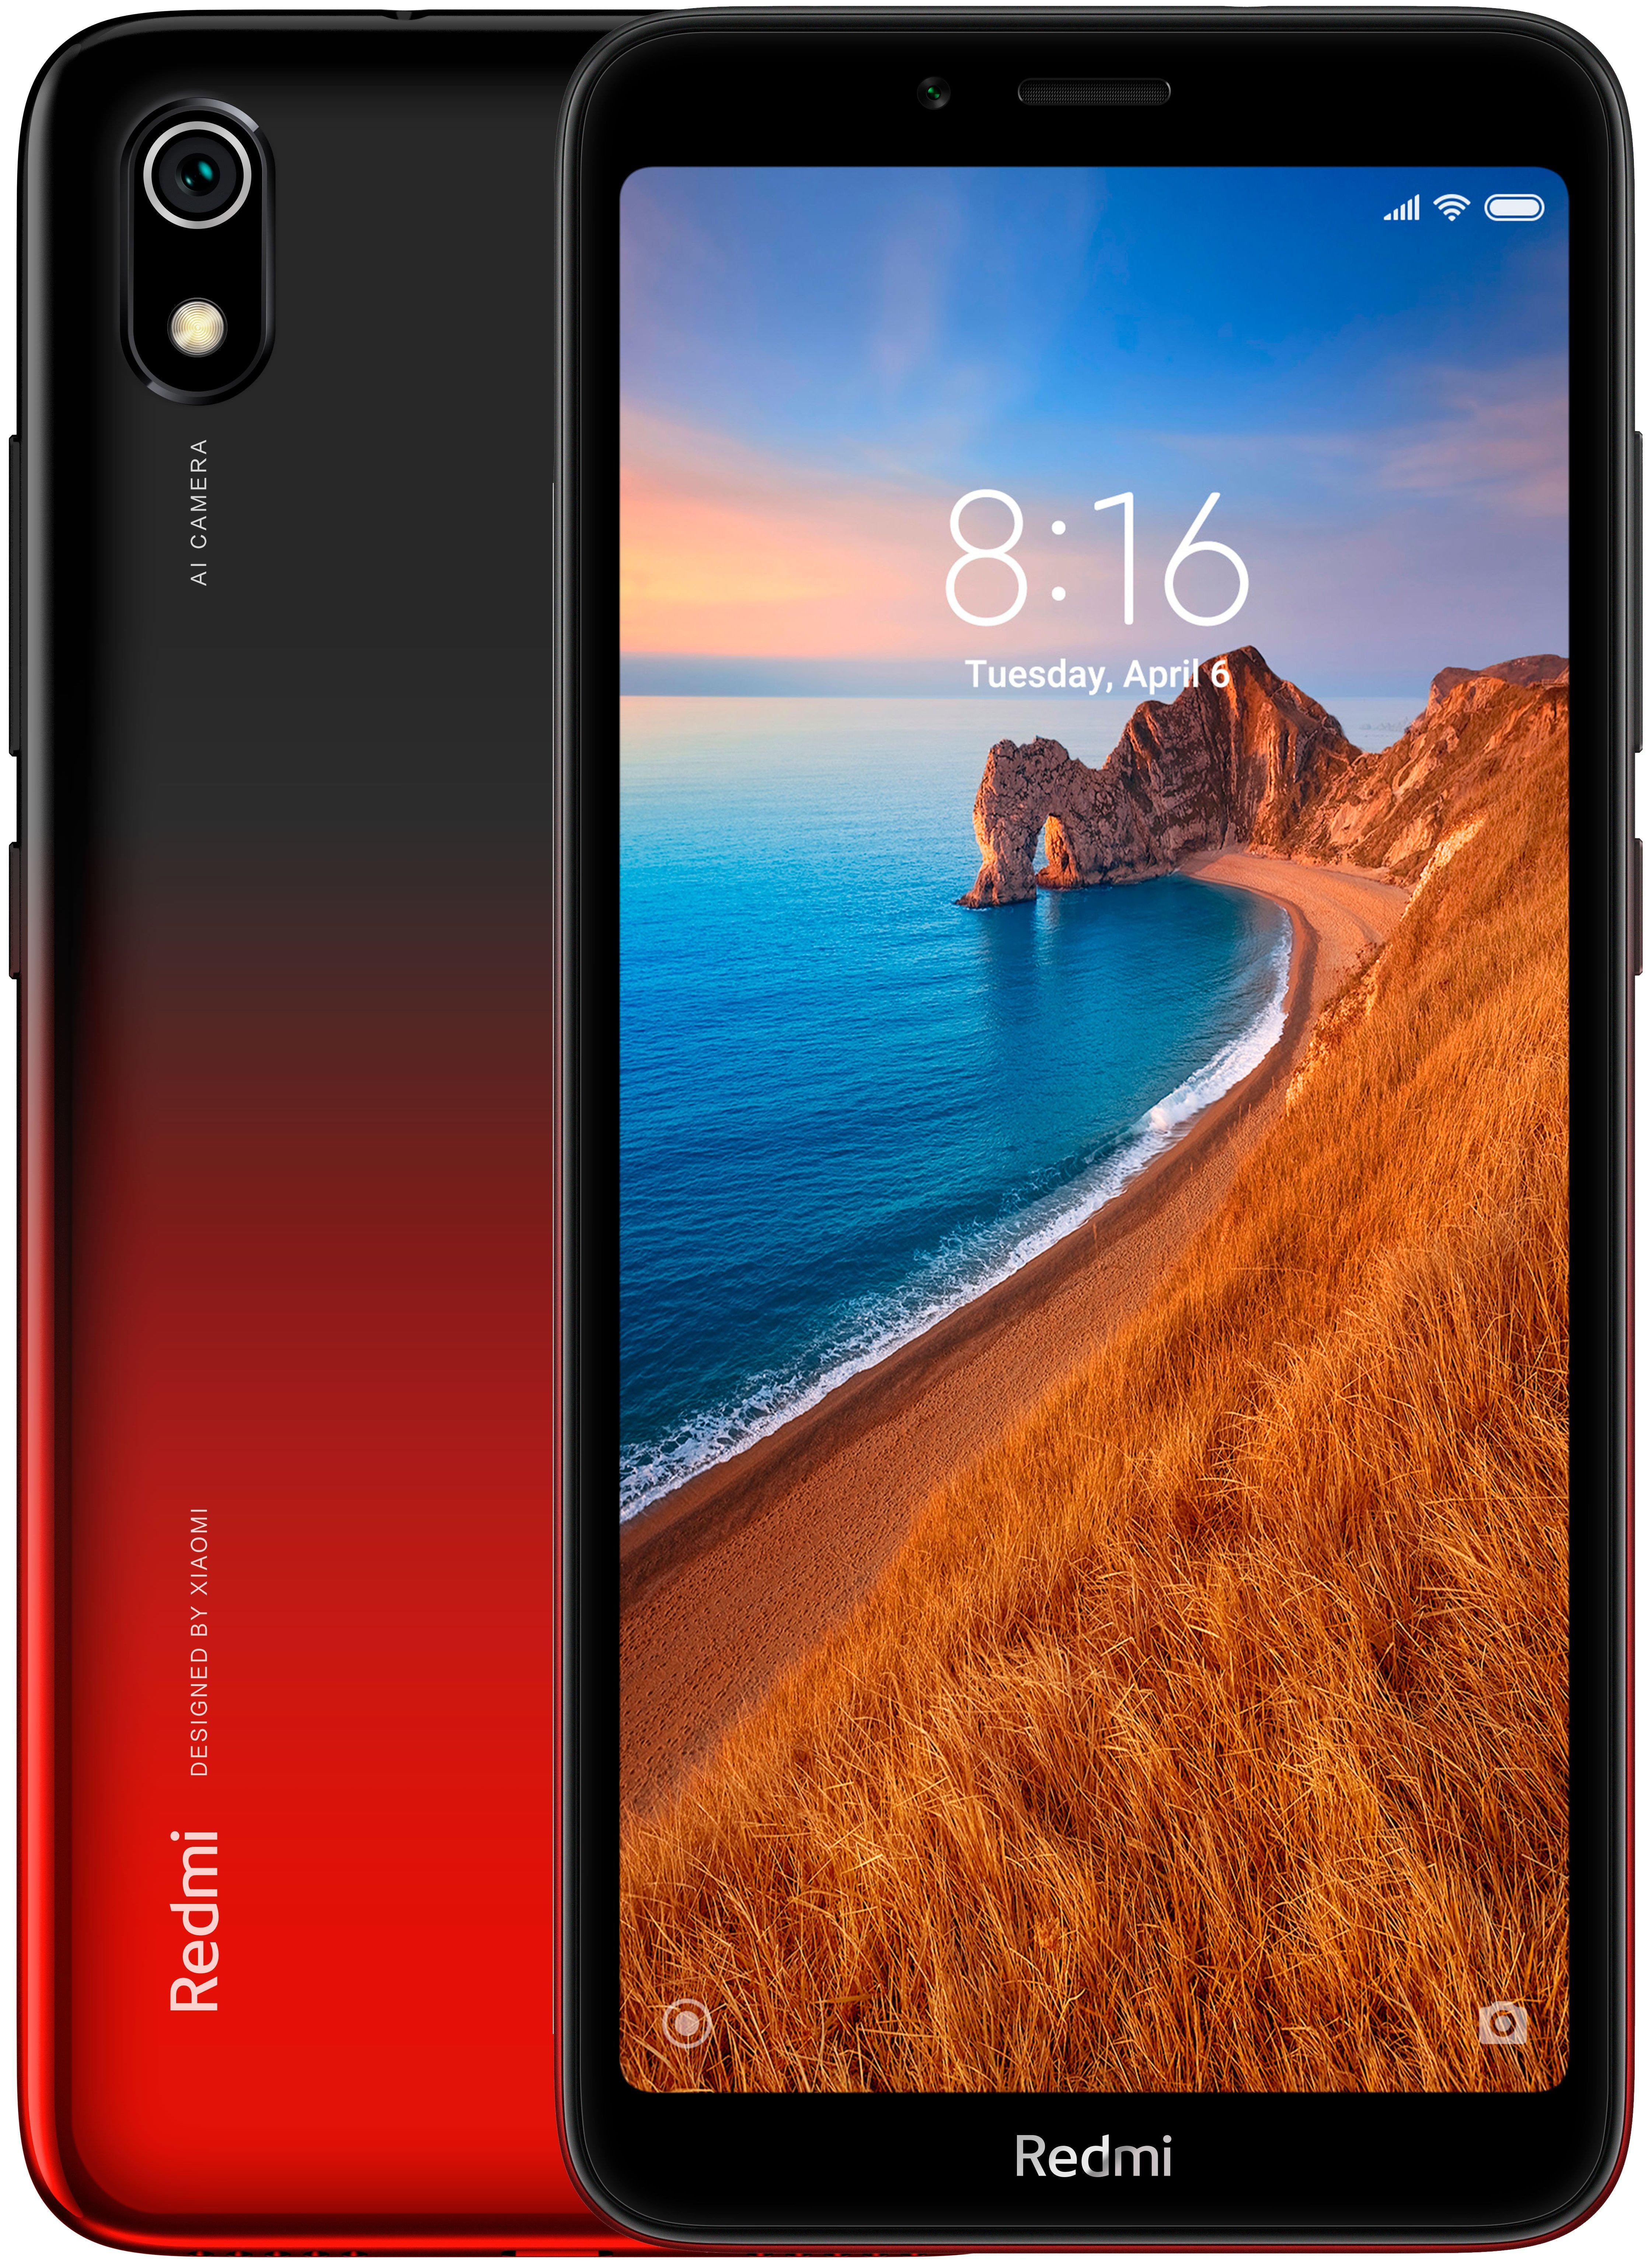 самый дешевый смартфон с хорошим качеством фото они